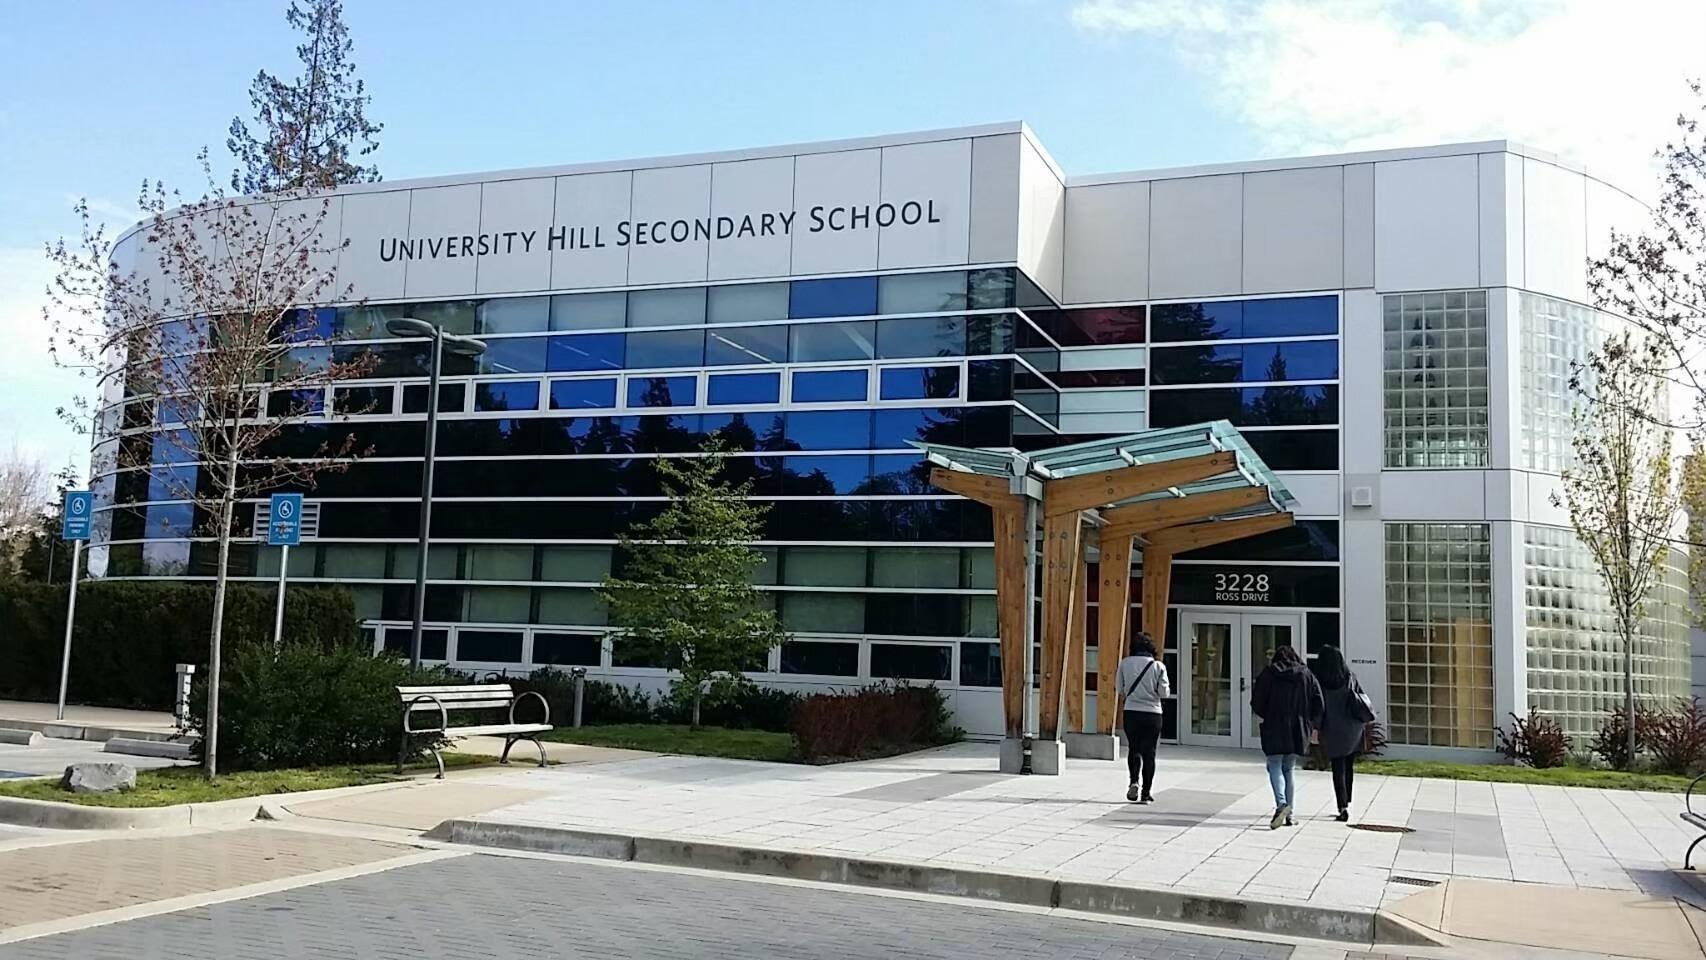 ผลการค้นหารูปภาพสำหรับ University Hill Secondary School